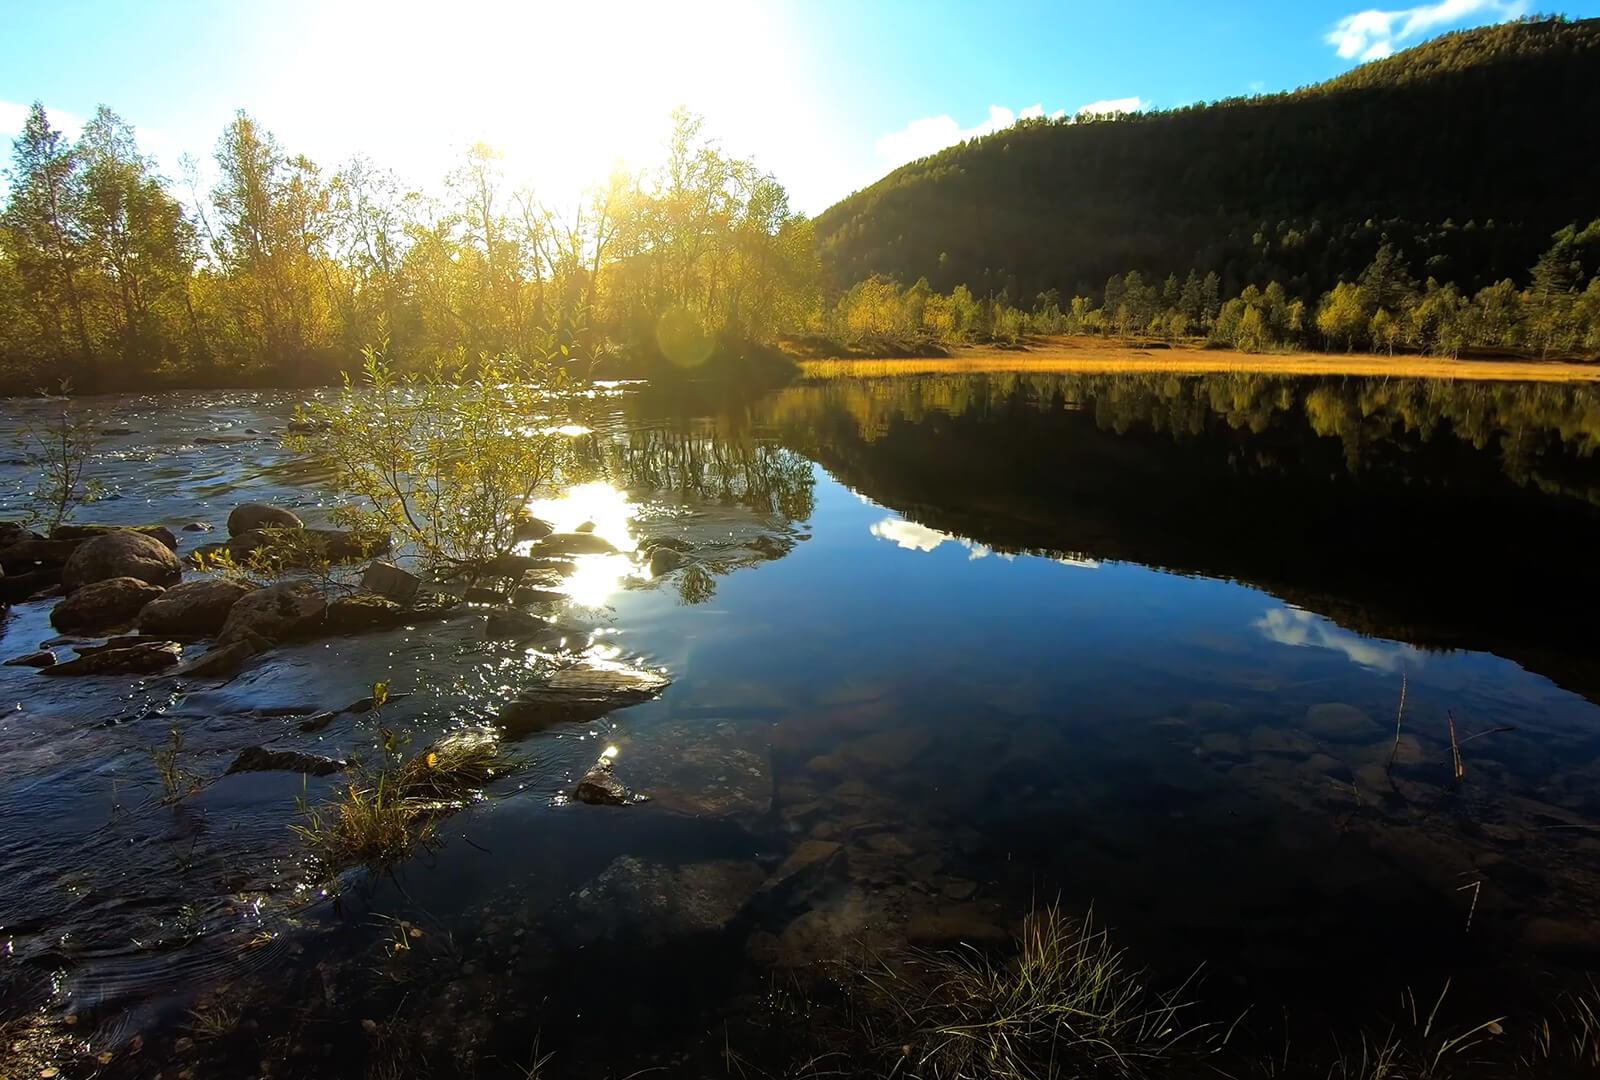 the sun rises over a serene lake